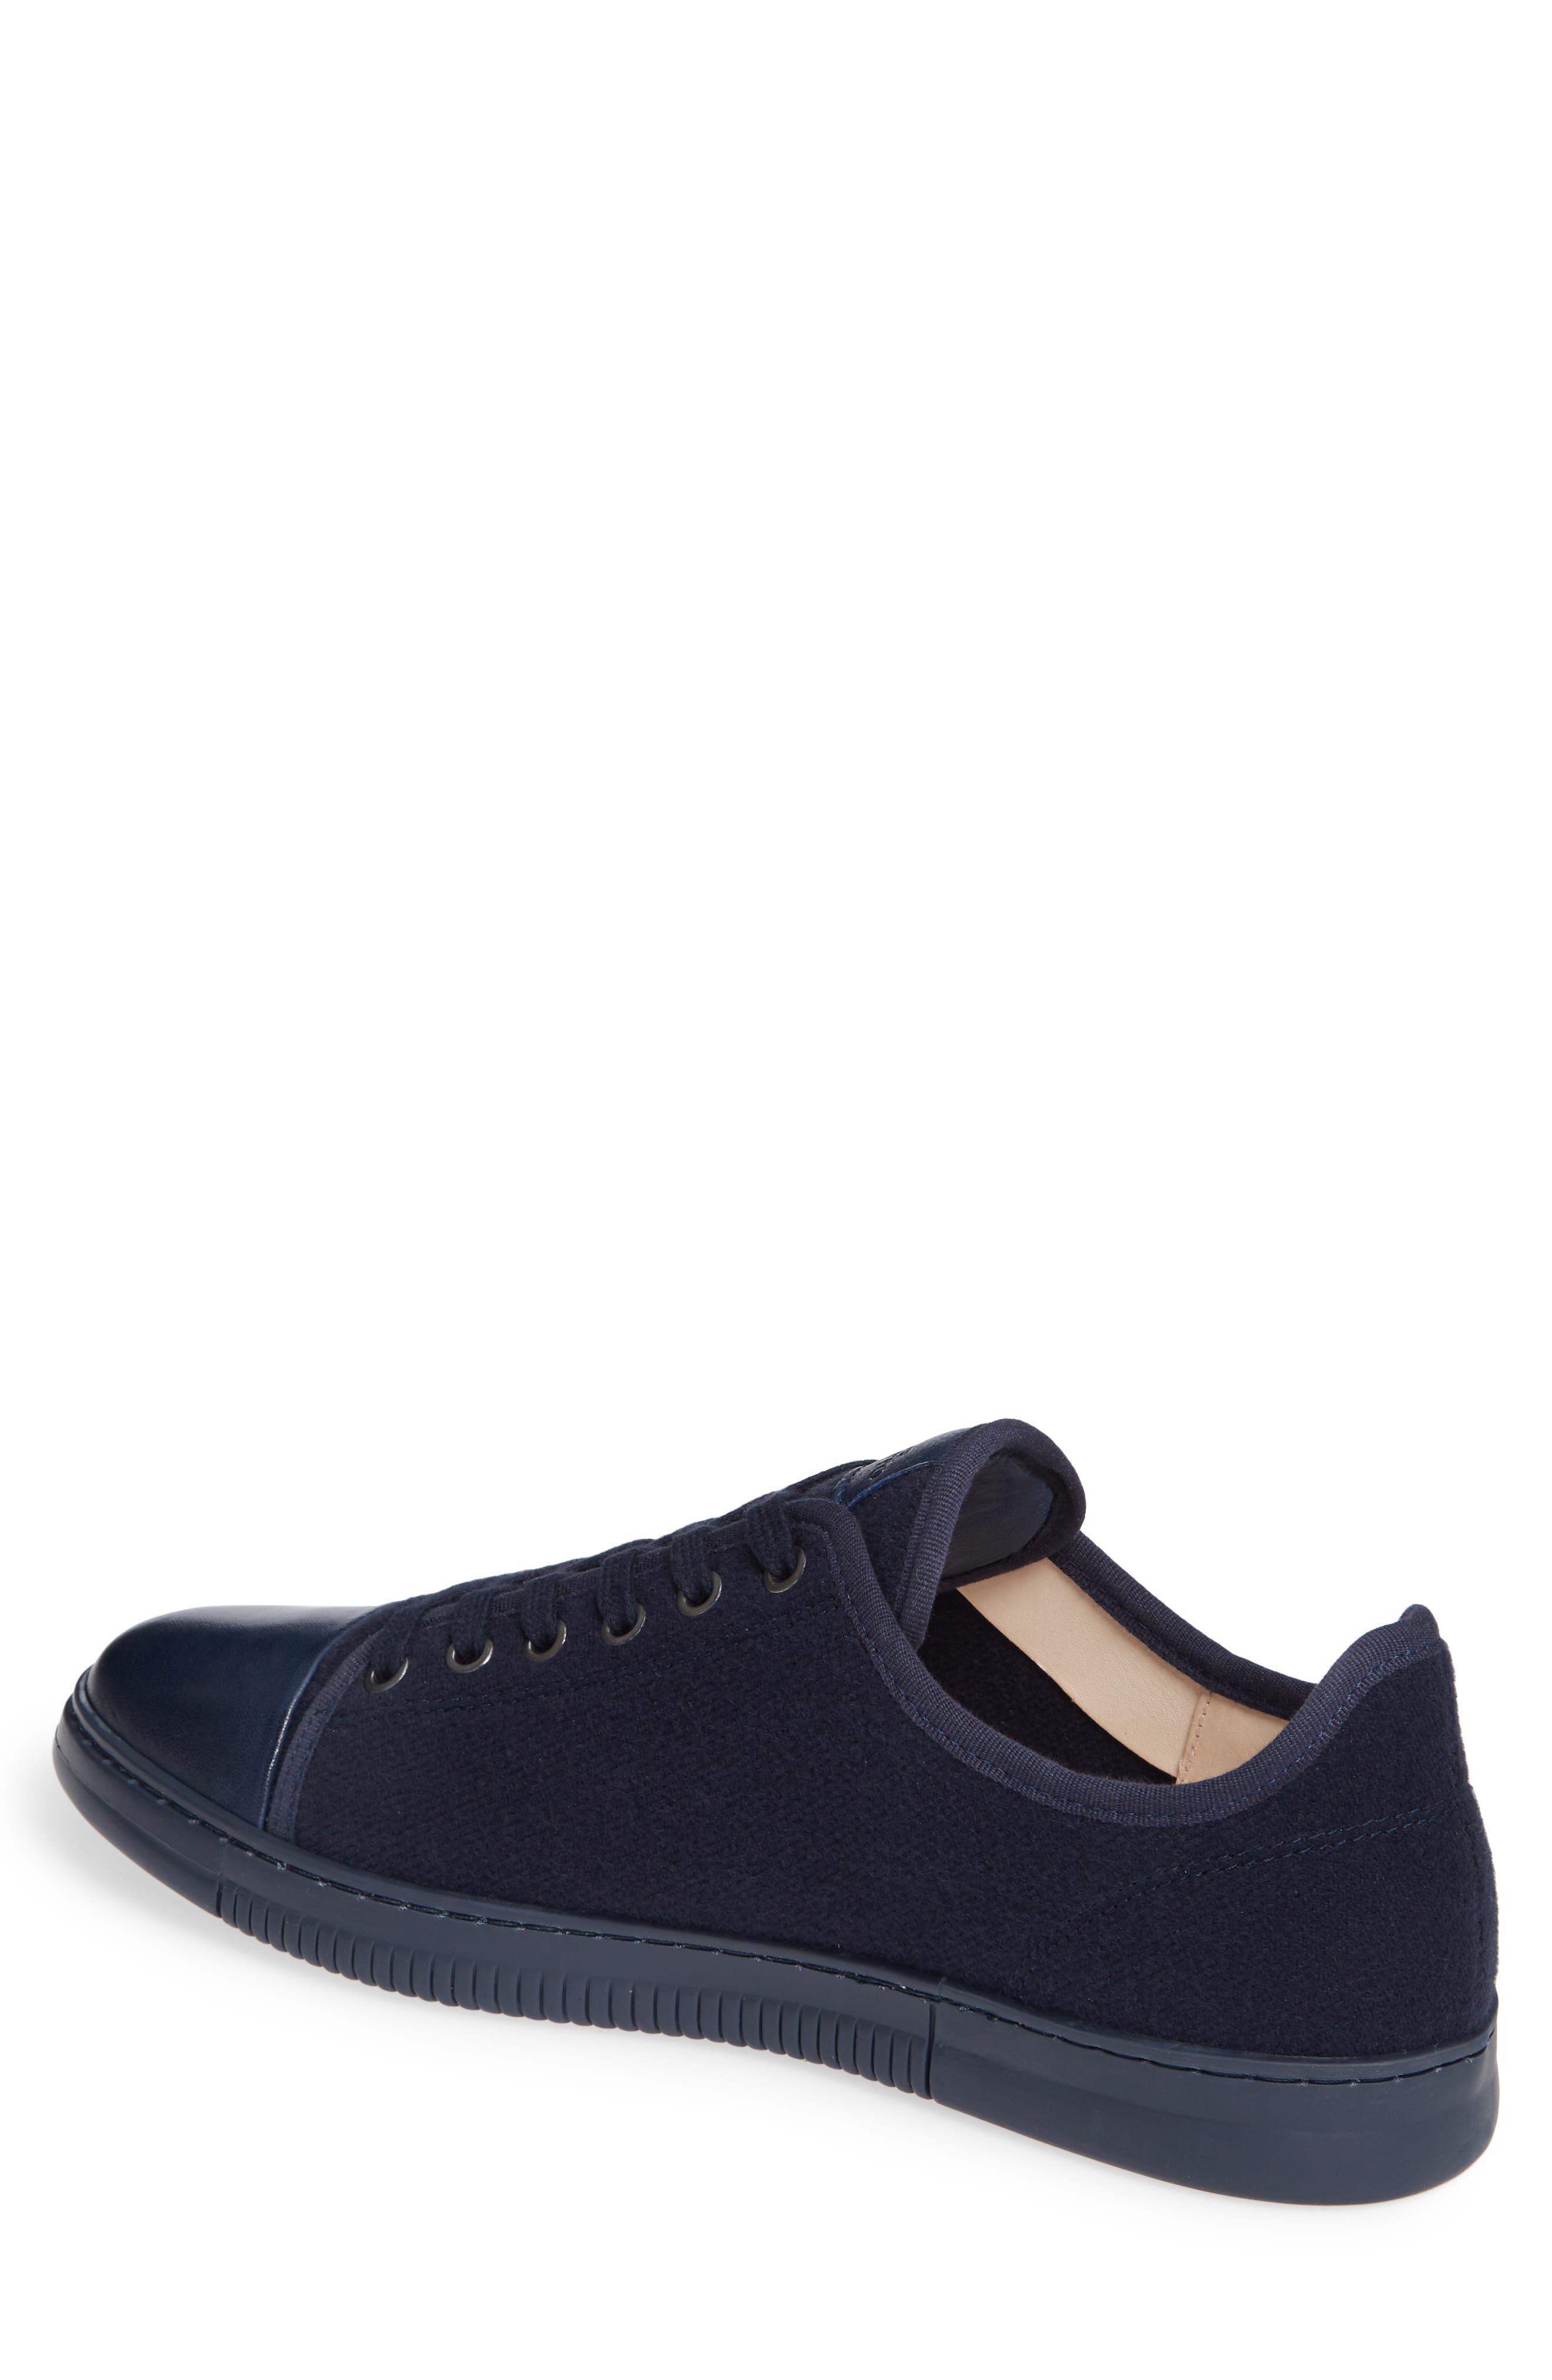 Jovani Sneaker,                             Alternate thumbnail 2, color,                             BLUE FABRIC